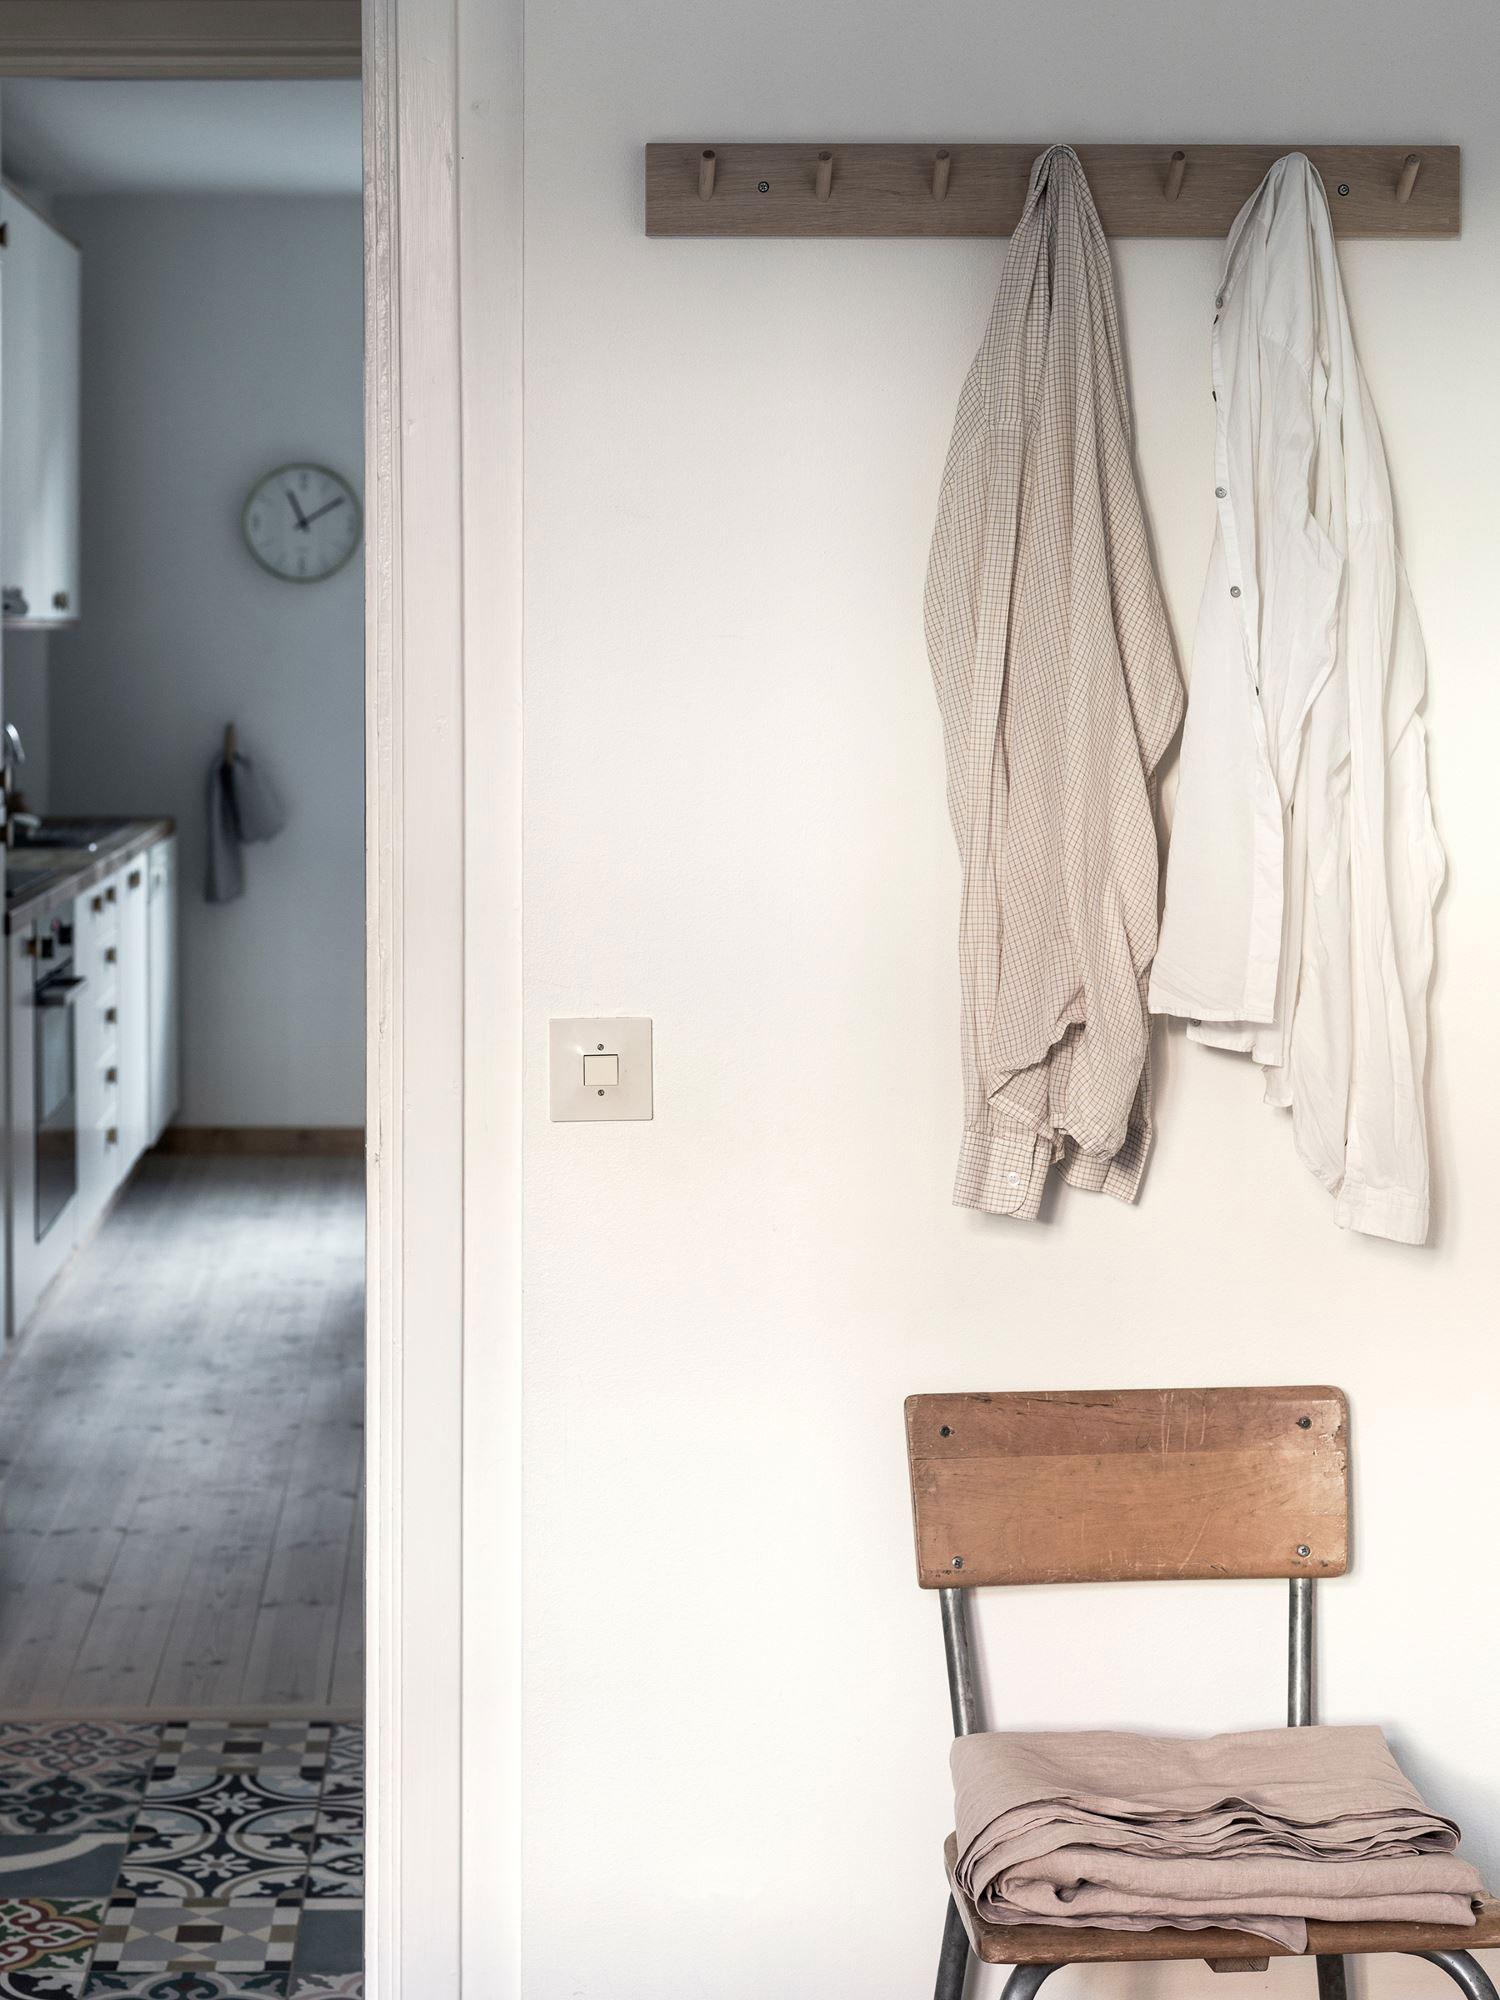 Inspiratie voor een Hygge interieur